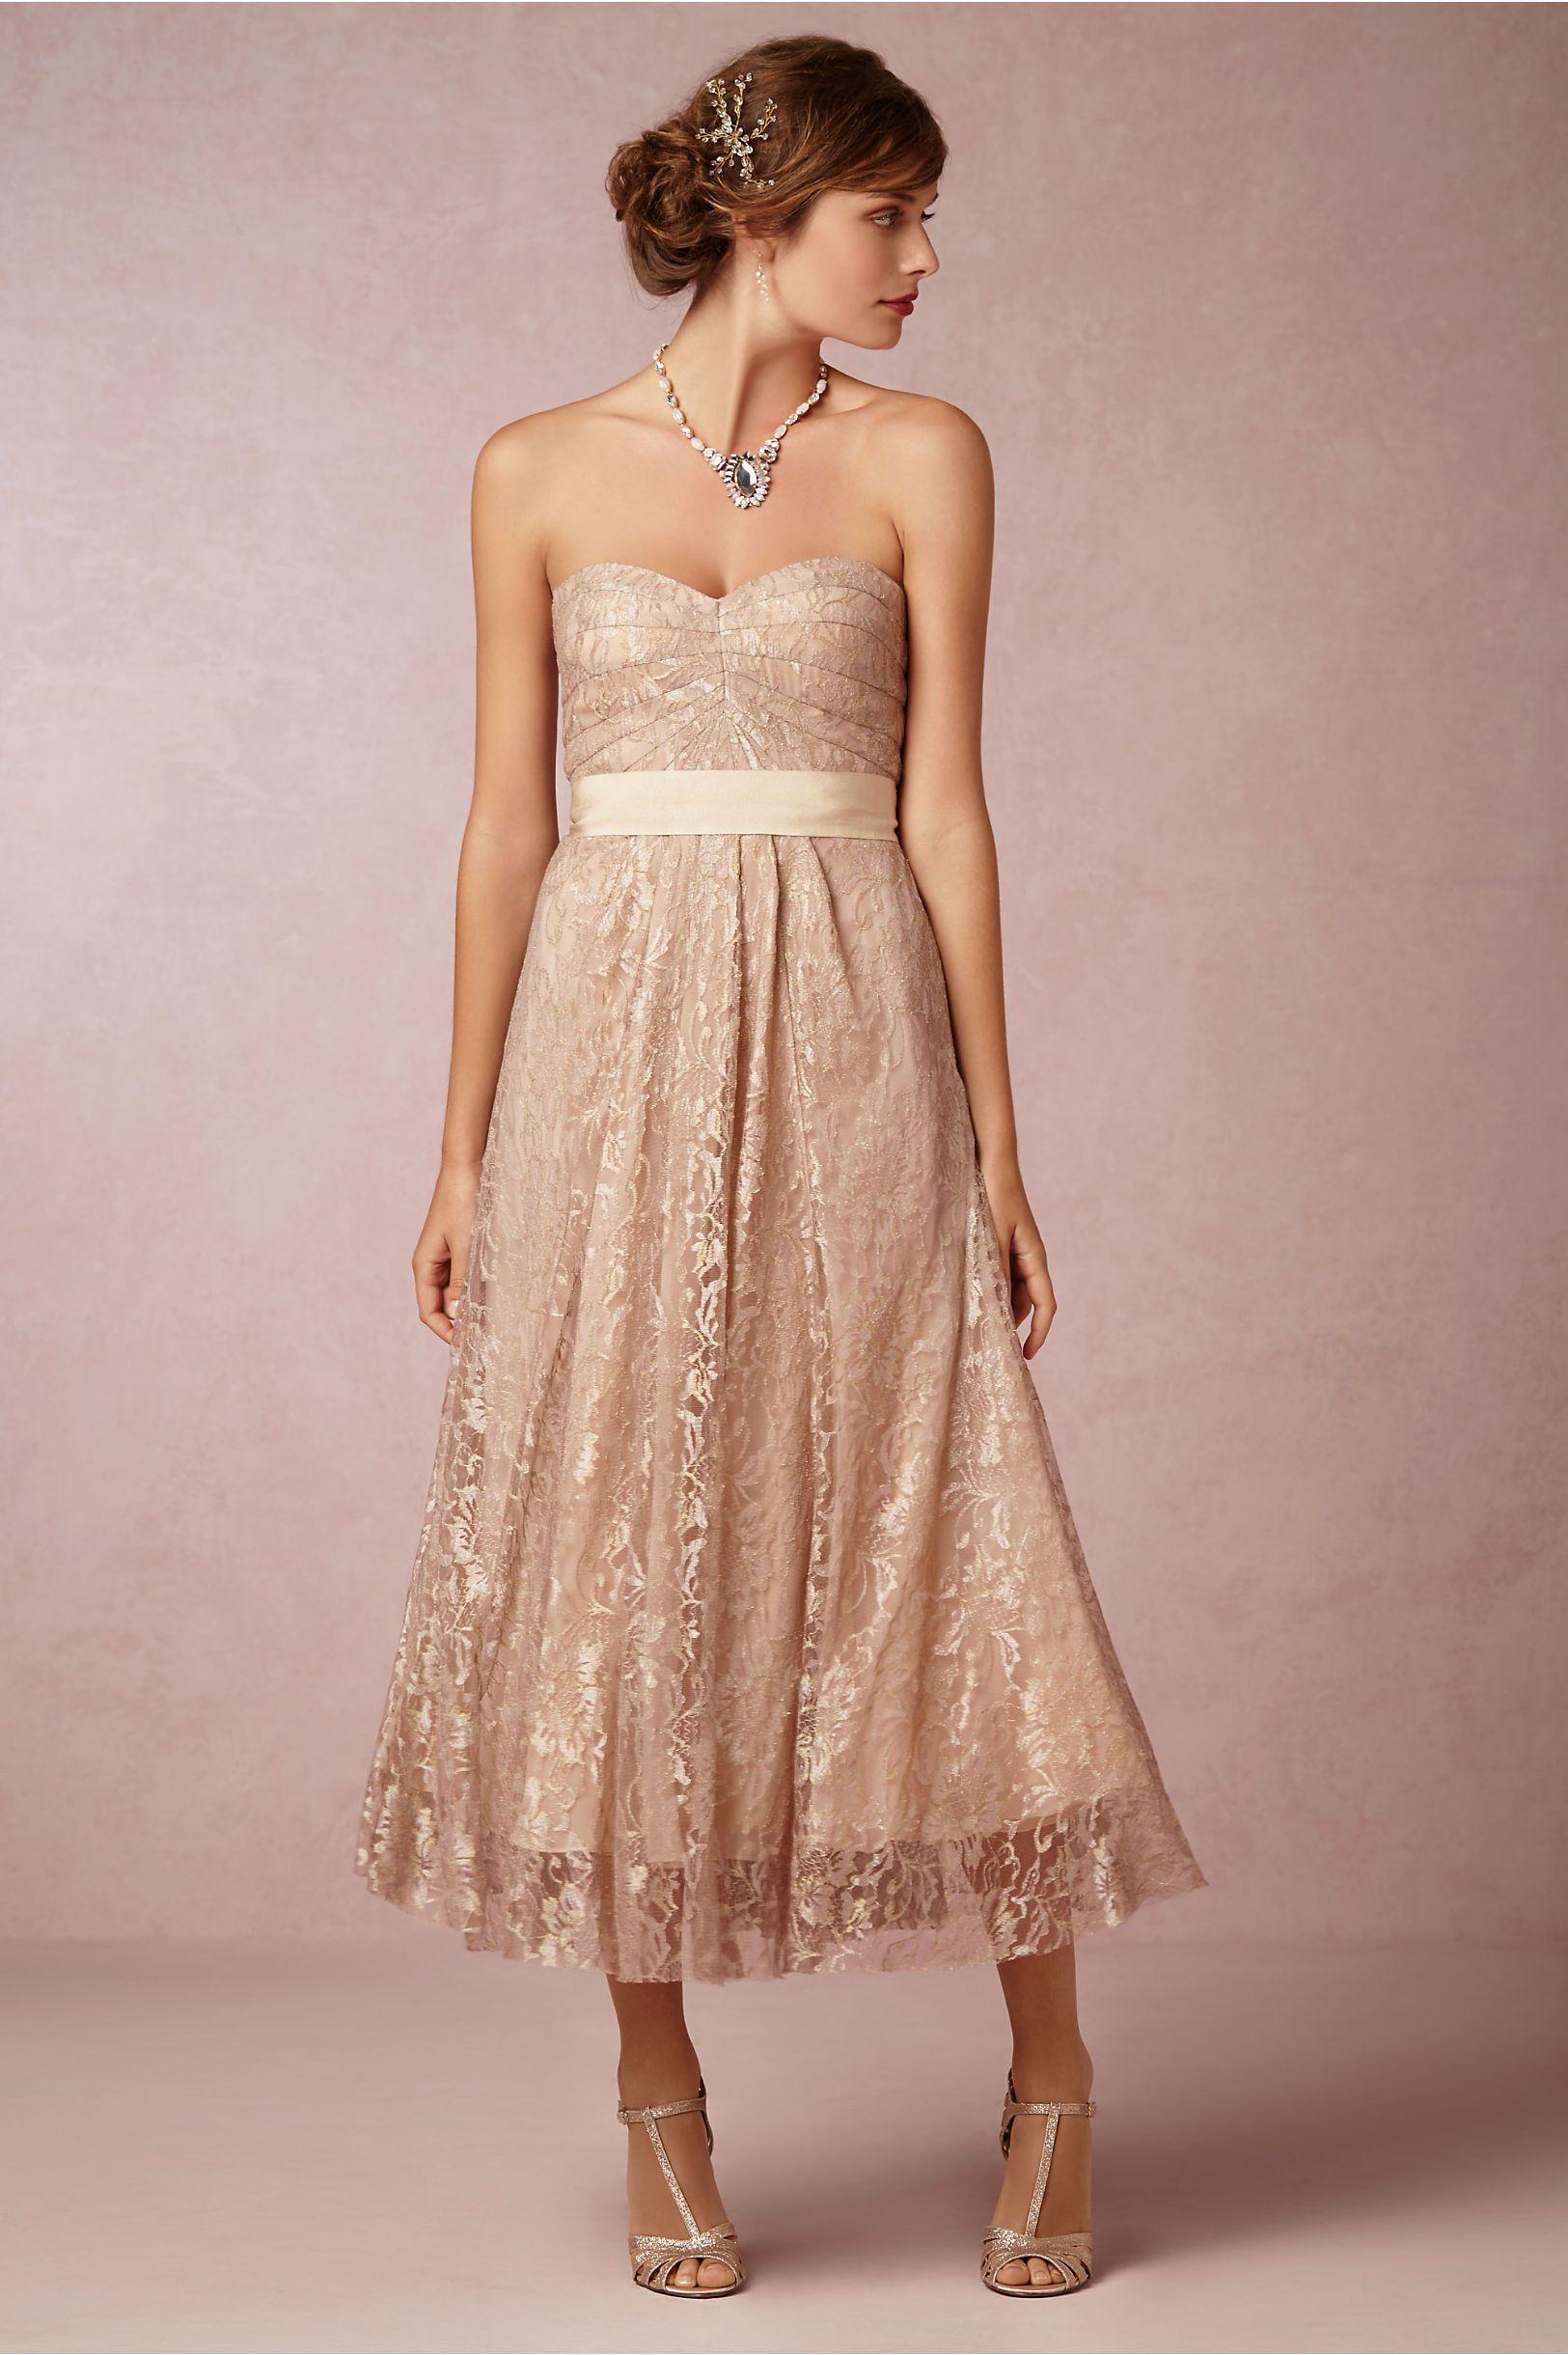 Großartig Gebrauchte Partykleider Fotos - Brautkleider Ideen ...